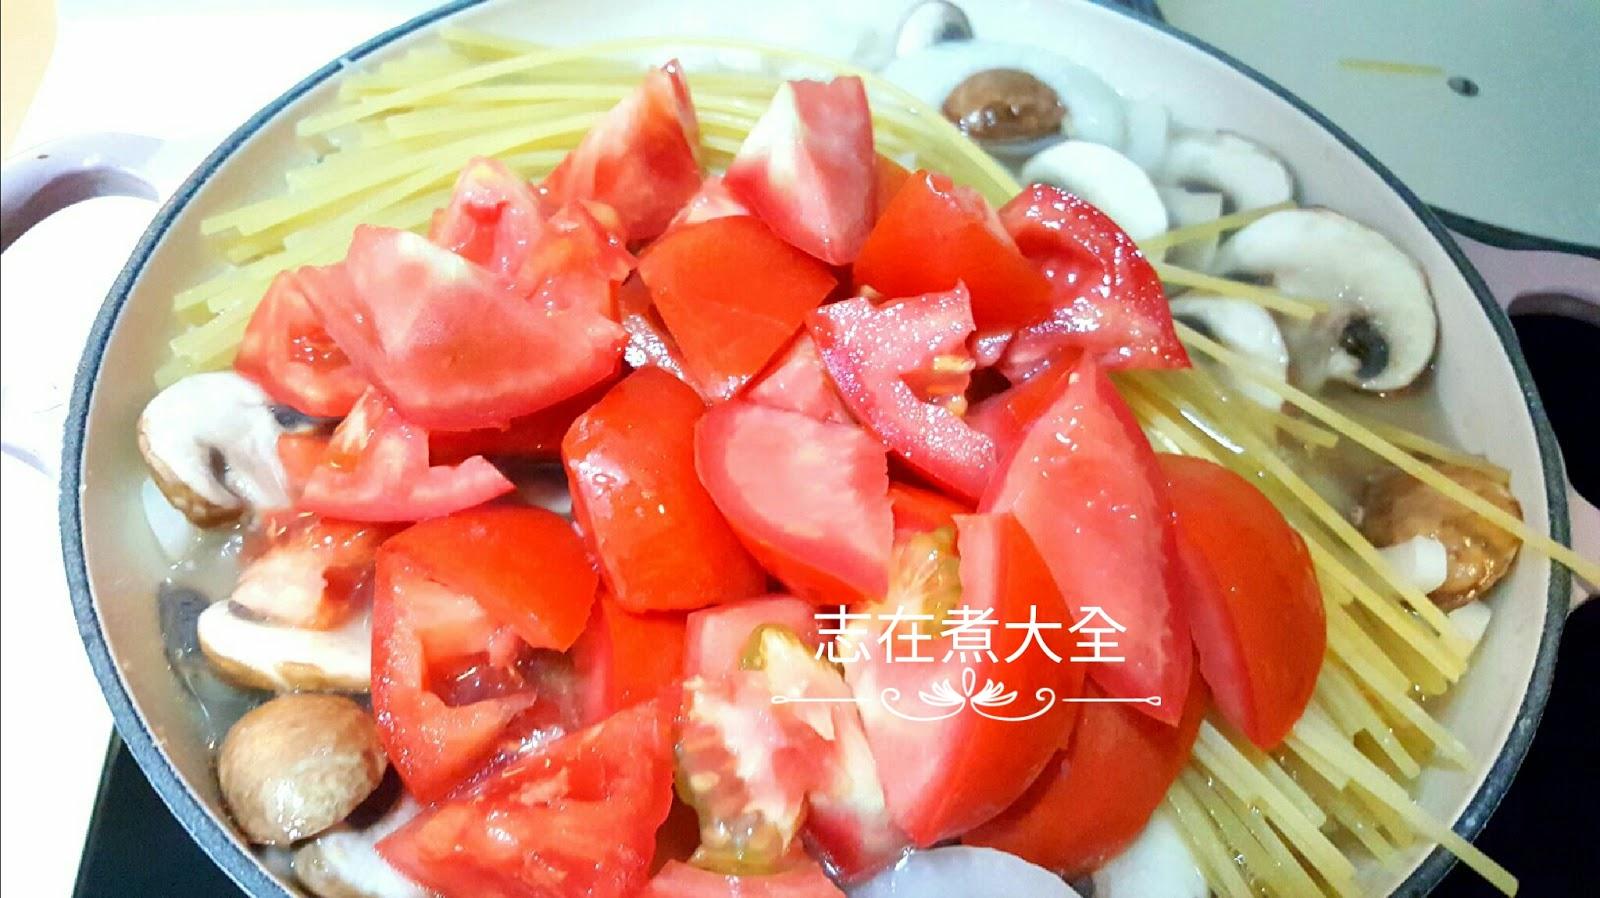 志在煮大全: 15分鐘煙三文魚蕃茄磨菇意粉